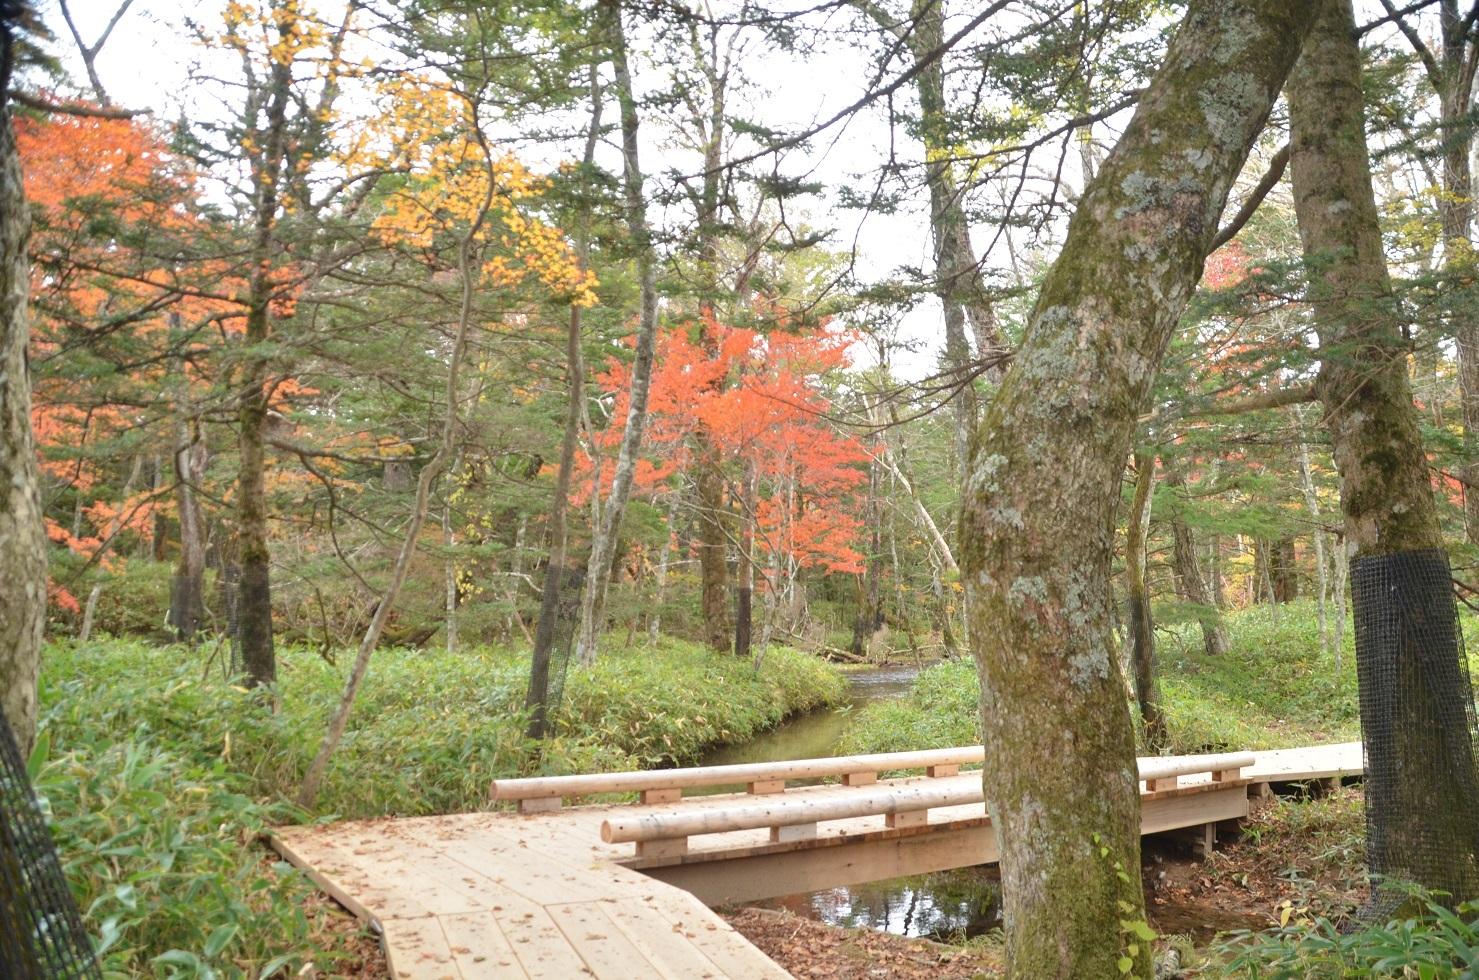 mDSC_0312木道からの紅葉